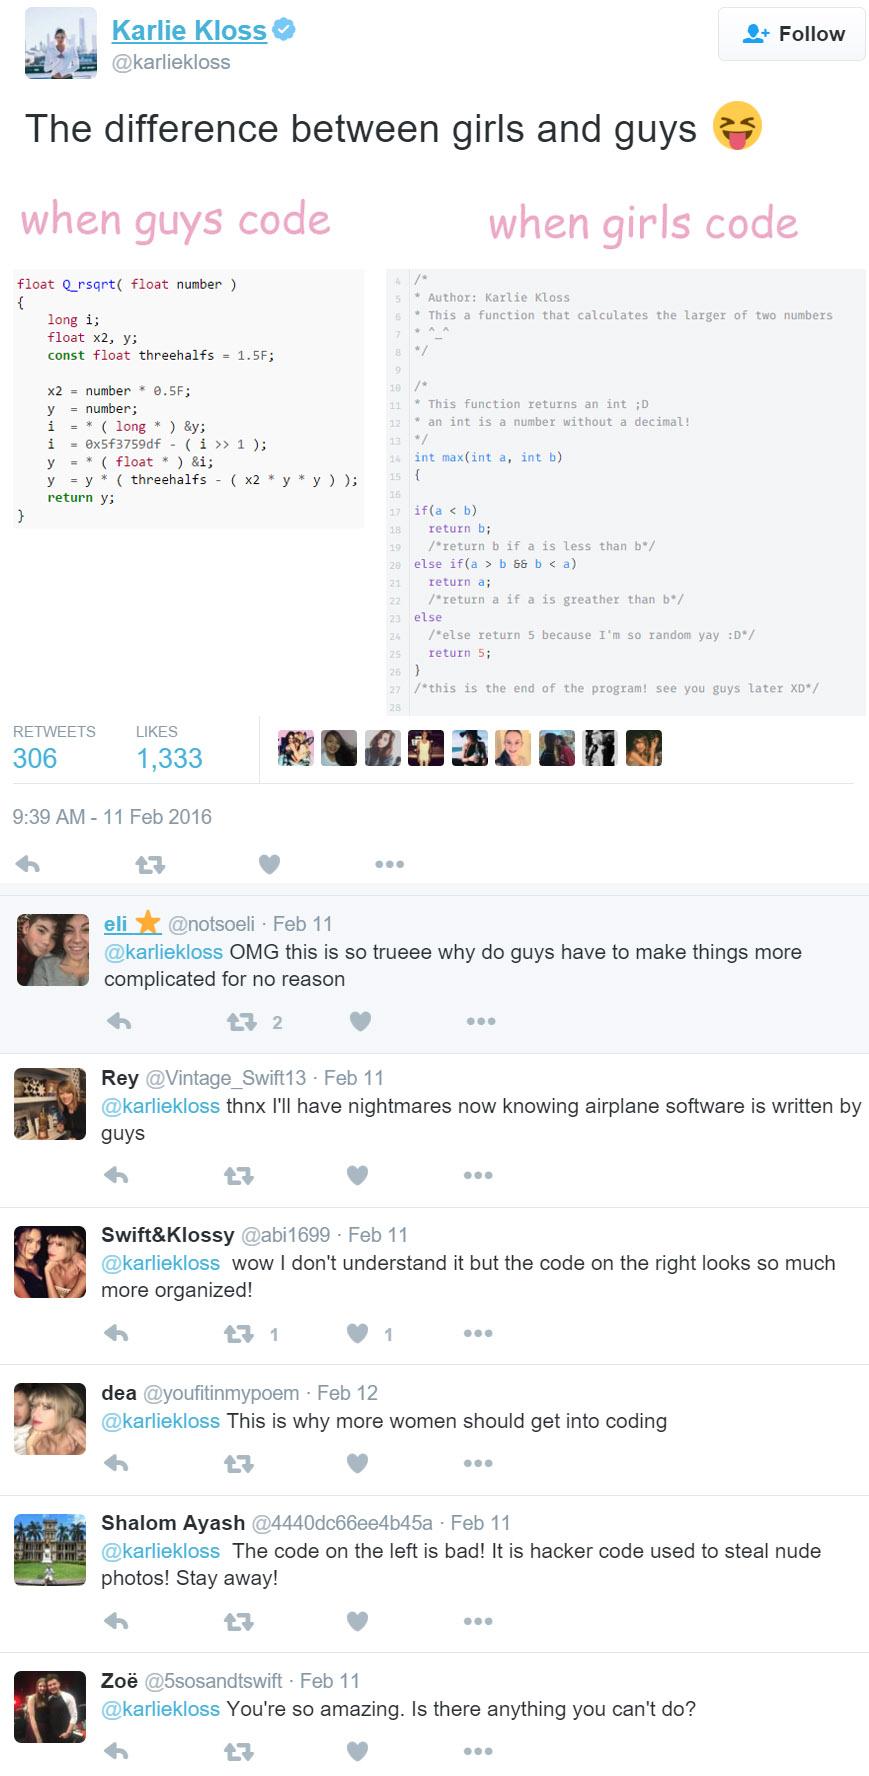 https://cdn.discordapp.com/attachments/372508286529961996/391742592070451212/difference-between-girls-and-guys-code.jpg